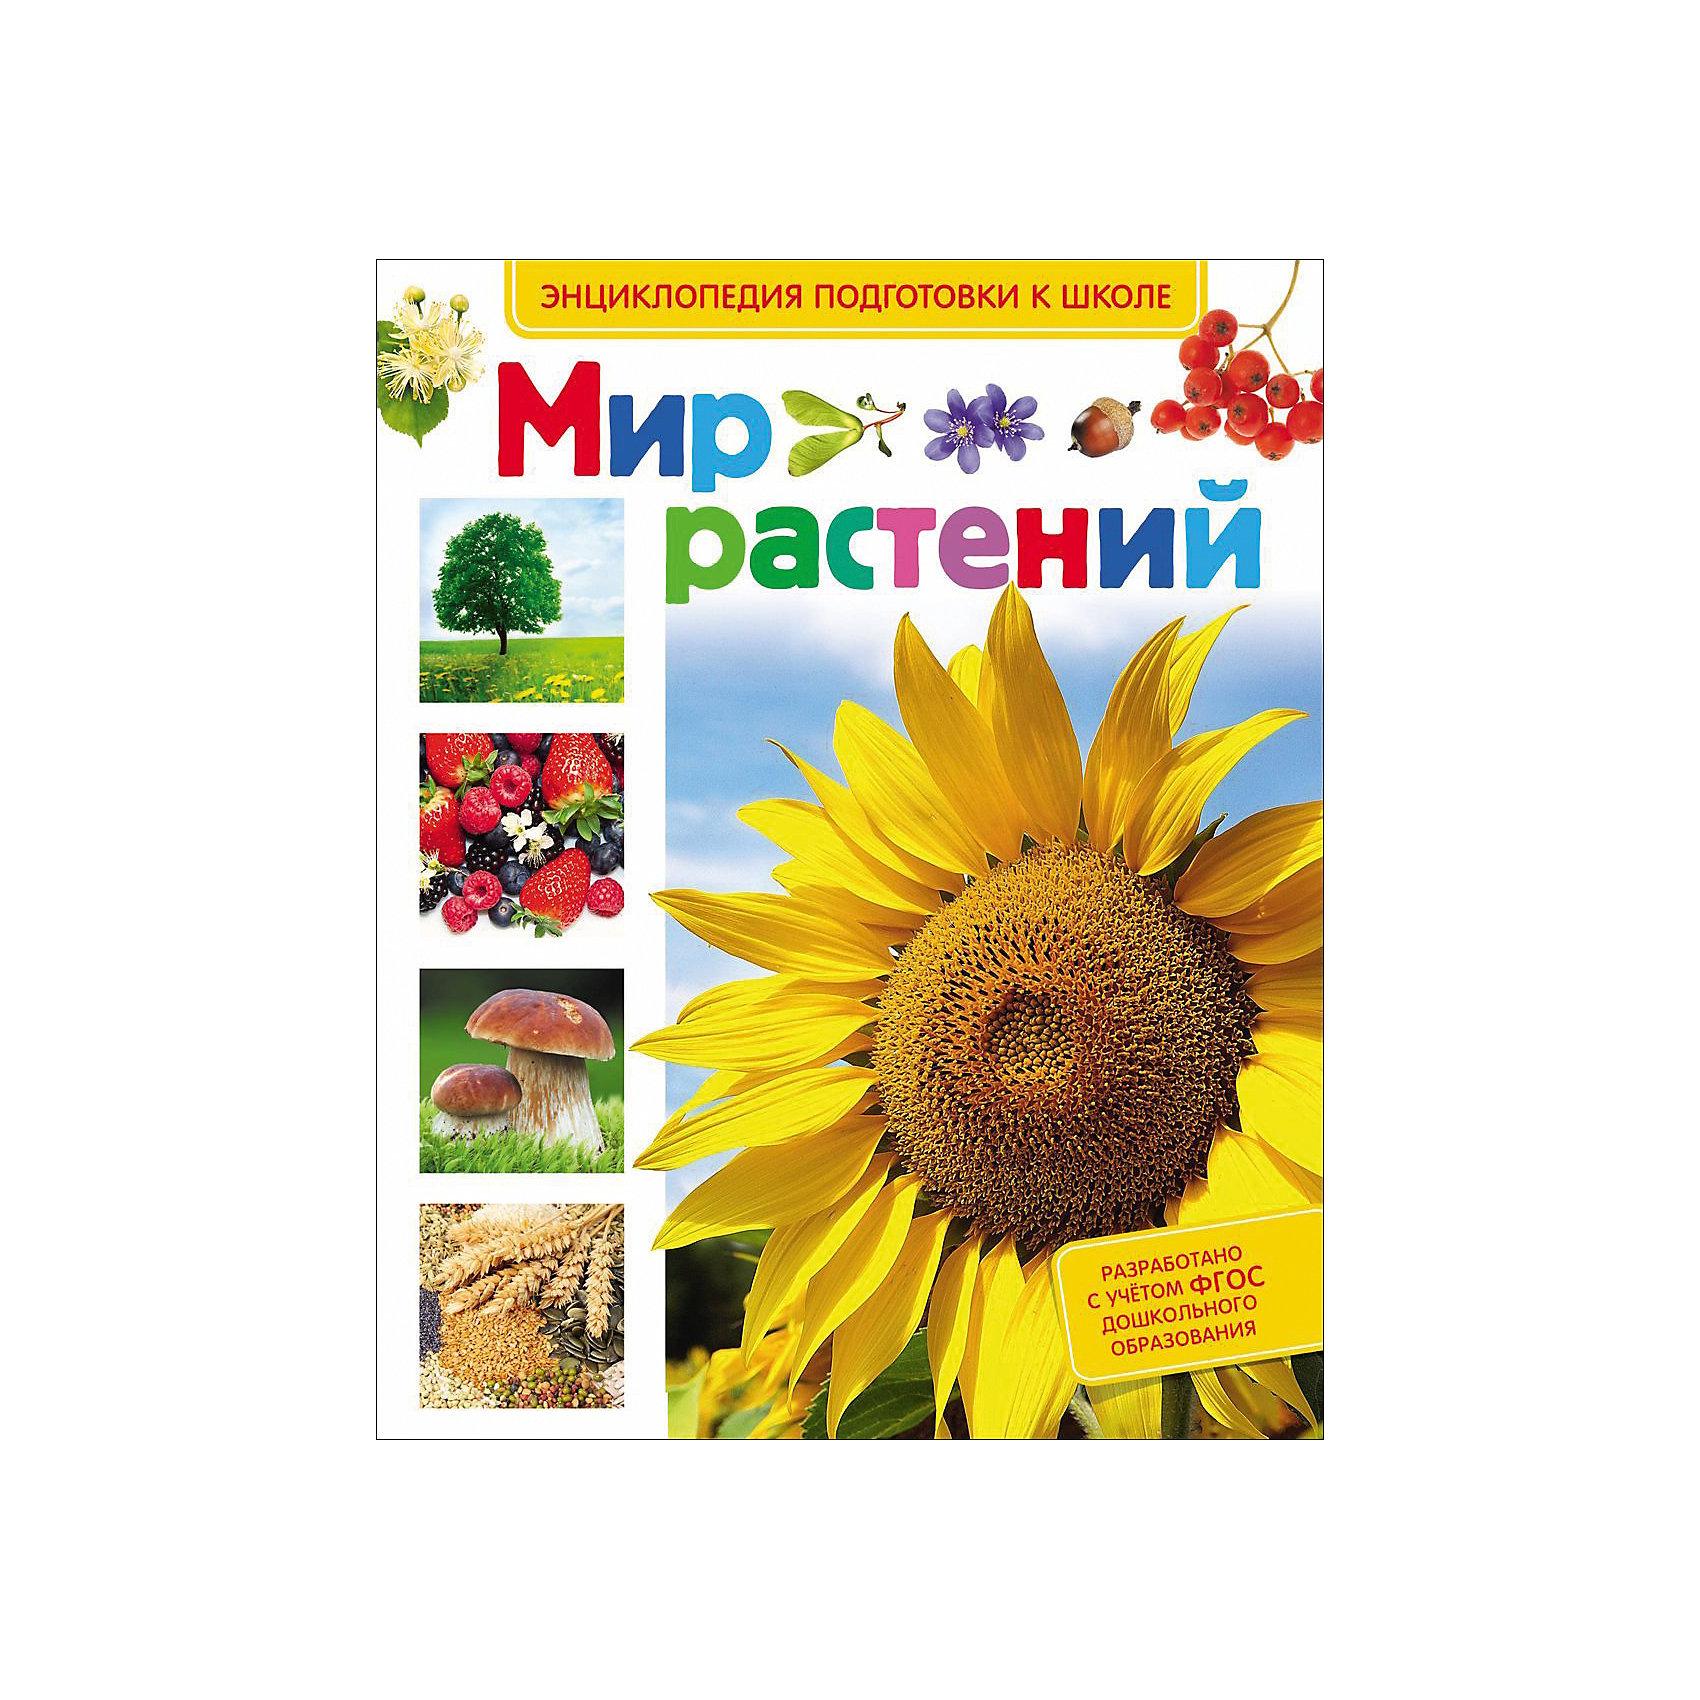 Мир растений (Энциклопедия подготовки к школе)Энциклопедии всё обо всём<br>Характеристики товара:<br><br>- цвет: разноцветный;<br>- материал: бумага;<br>- страниц: 64;<br>- формат: 20 х 29 см;<br>- обложка: твердая;<br>- цветные иллюстрации.<br><br>Эта интересная книга с иллюстрациями станет отличным подарком для ребенка. Она содержит в себе ответы на вопросы, которые интересуют малышей. Всё представлено в очень простой форме! Талантливый иллюстратор дополнил книгу качественными рисунками, которые помогают ребенку понять суть многих вещей в нашем мире. Удивительные и интересные факты помогут привить любовь к учебе!<br>Чтение - отличный способ активизации мышления, оно помогает ребенку развивать зрительную память, концентрацию внимания и воображение. Издание произведено из качественных материалов, которые безопасны даже для самых маленьких.<br><br>Книгу Мир растений (Энциклопедия подготовки к школе) от компании Росмэн можно купить в нашем интернет-магазине.<br><br>Ширина мм: 265<br>Глубина мм: 205<br>Высота мм: 10<br>Вес г: 368<br>Возраст от месяцев: 60<br>Возраст до месяцев: 84<br>Пол: Унисекс<br>Возраст: Детский<br>SKU: 5110016